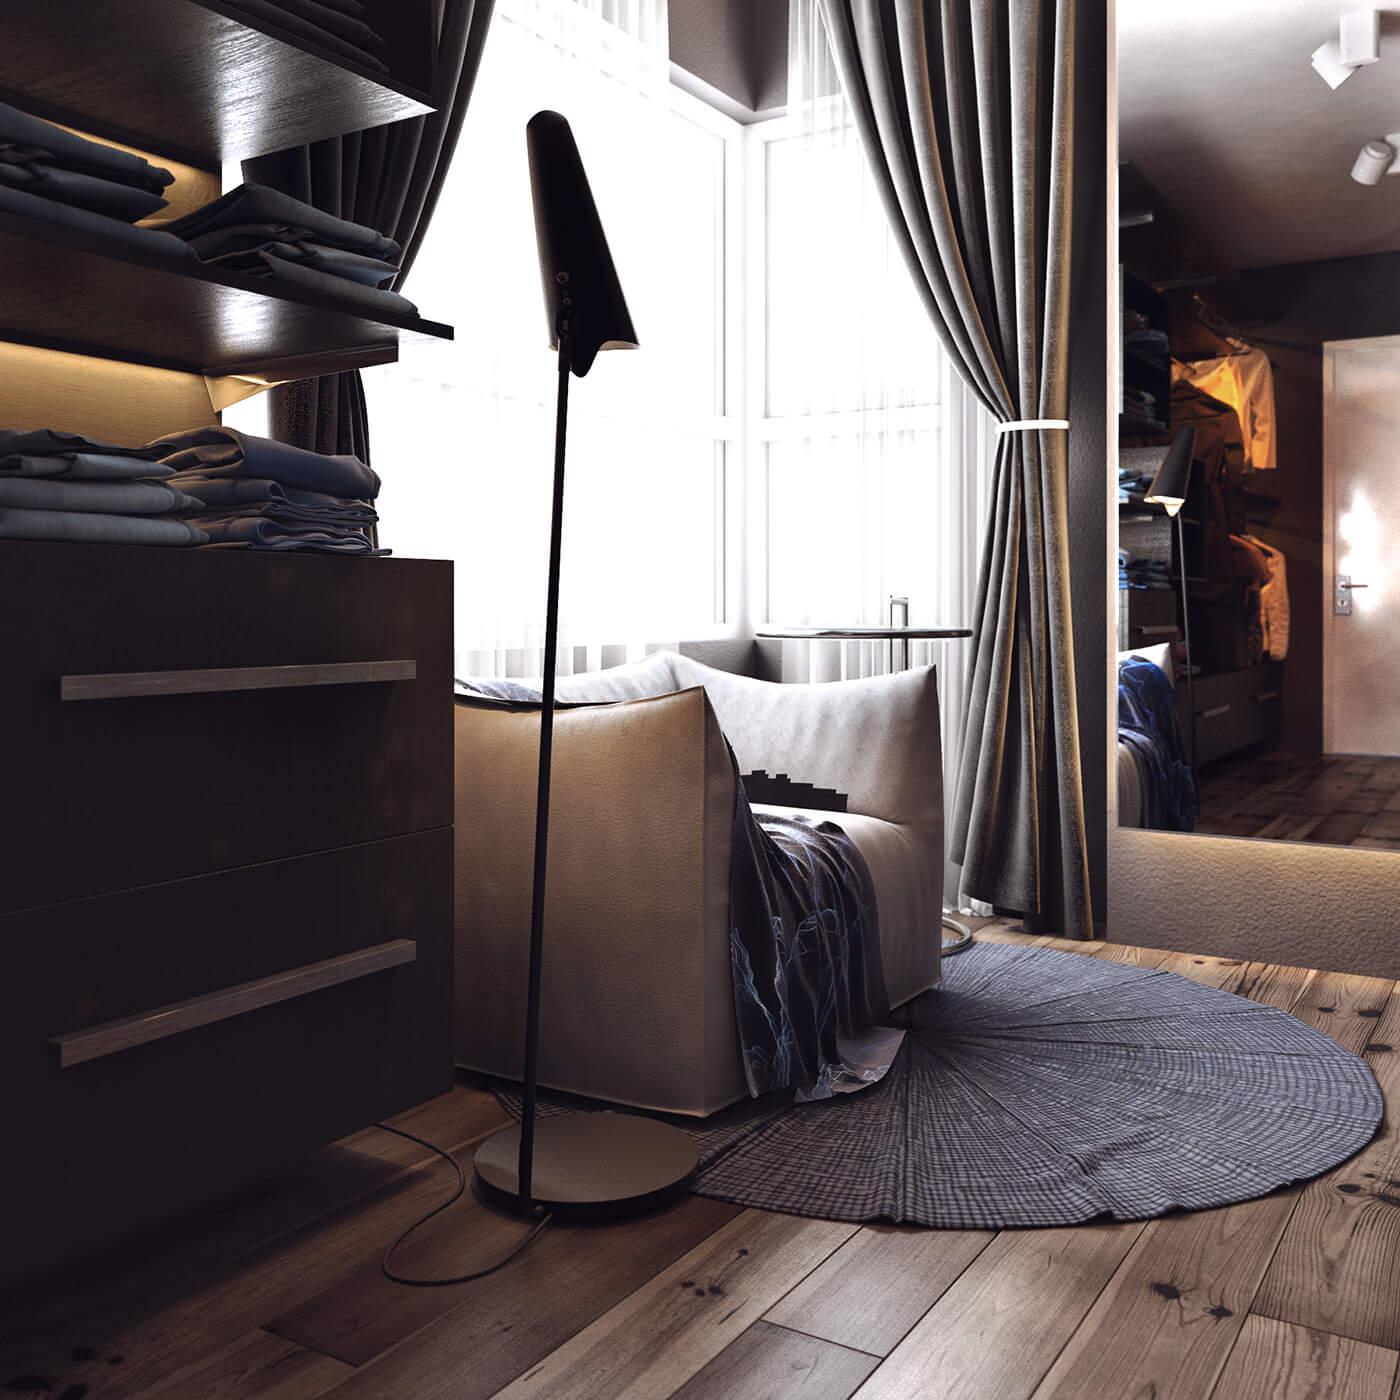 prostoren-apartament-s-eleganten-interior-v-neutralni-tsvetove-910g